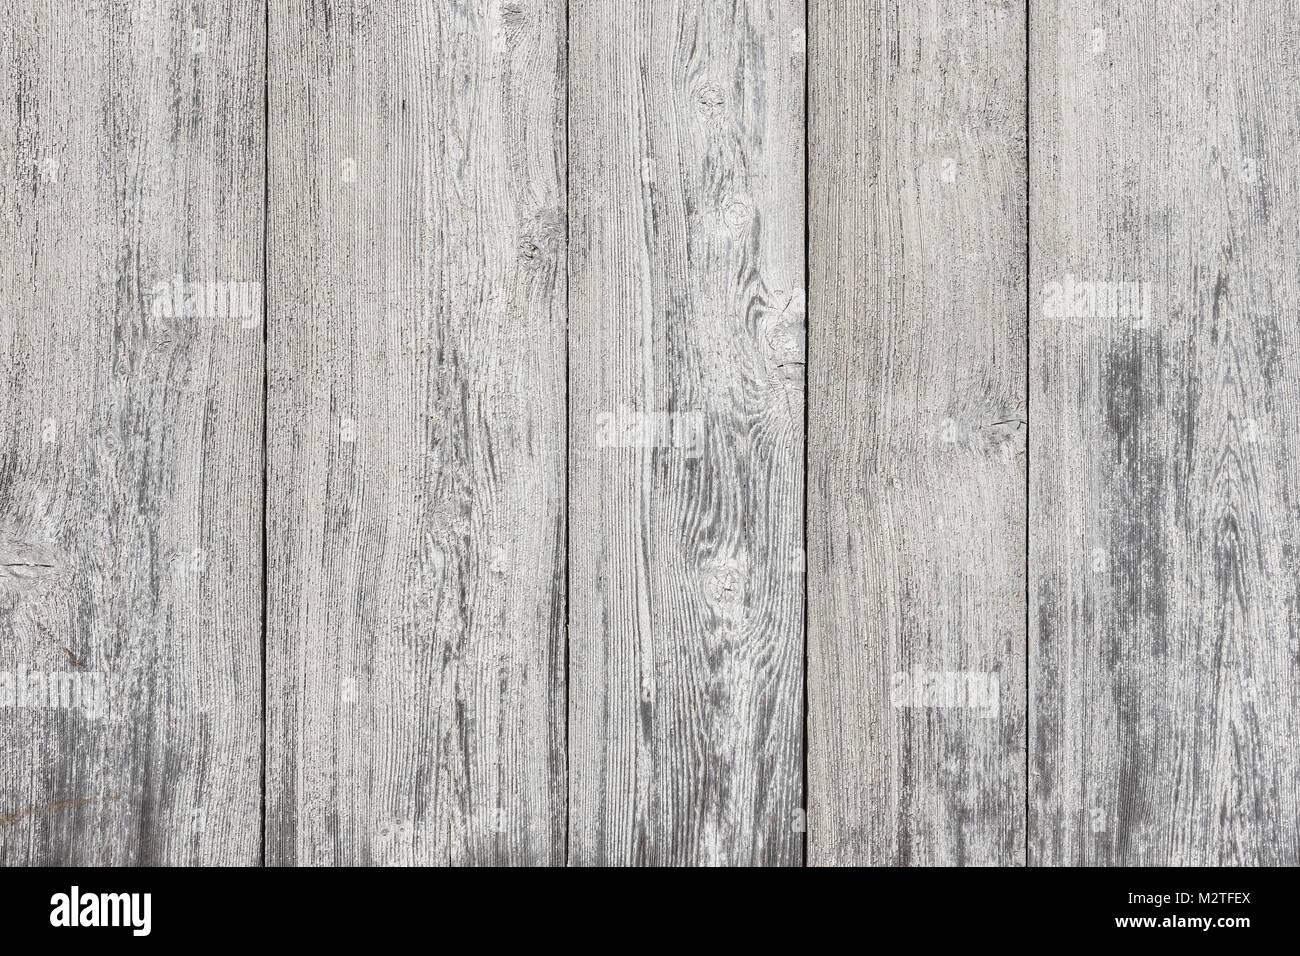 Legno Bianco Texture : Immagini stock legno bianco texture di sfondo orizzontale image